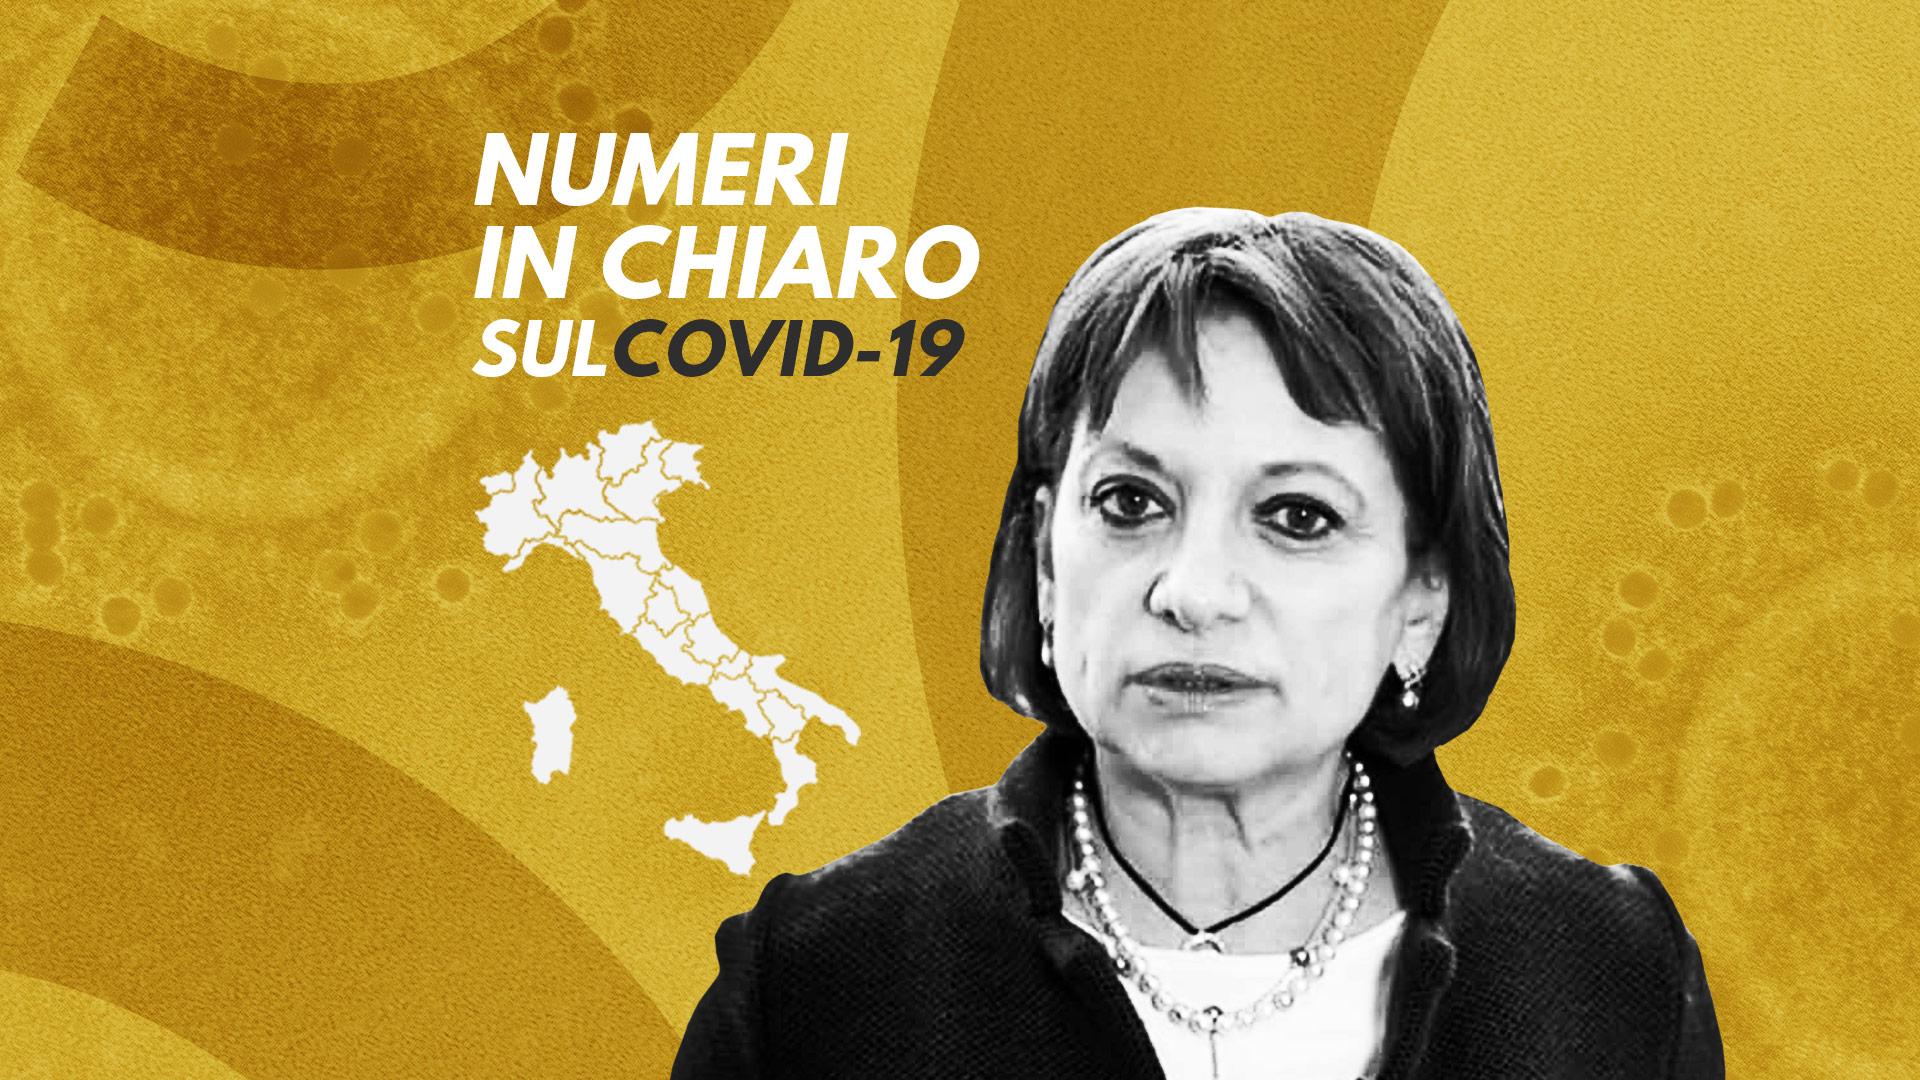 Coronavirus, i numeri in chiaro. Taliani: «Gli anziani dovrebbero andare nei negozi in fasce protette»